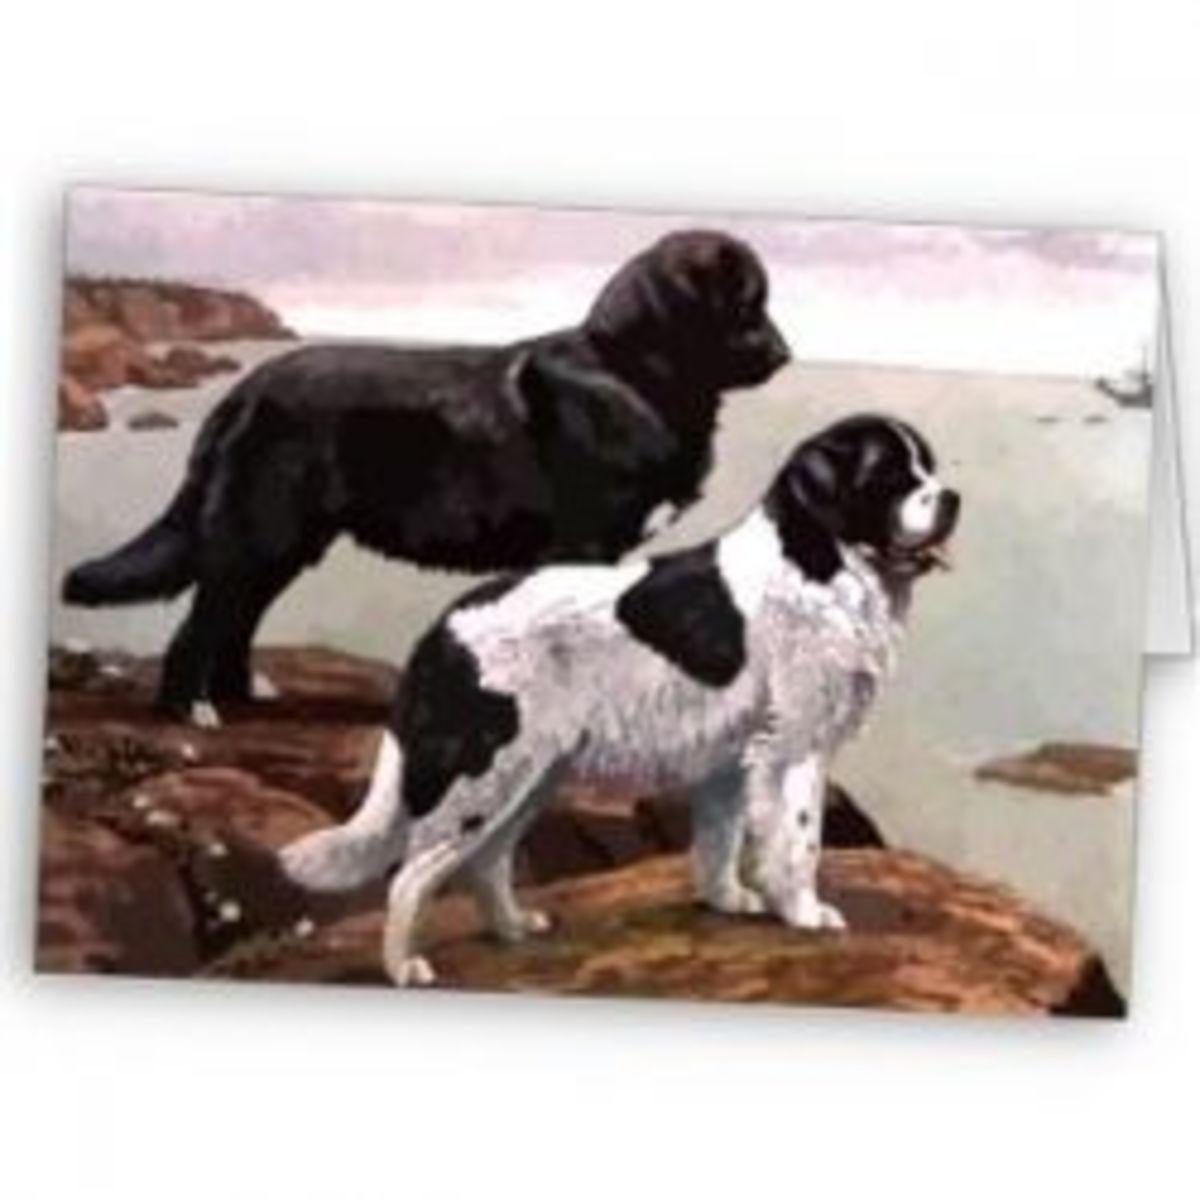 Newfoundlands - Giants Among Dogs